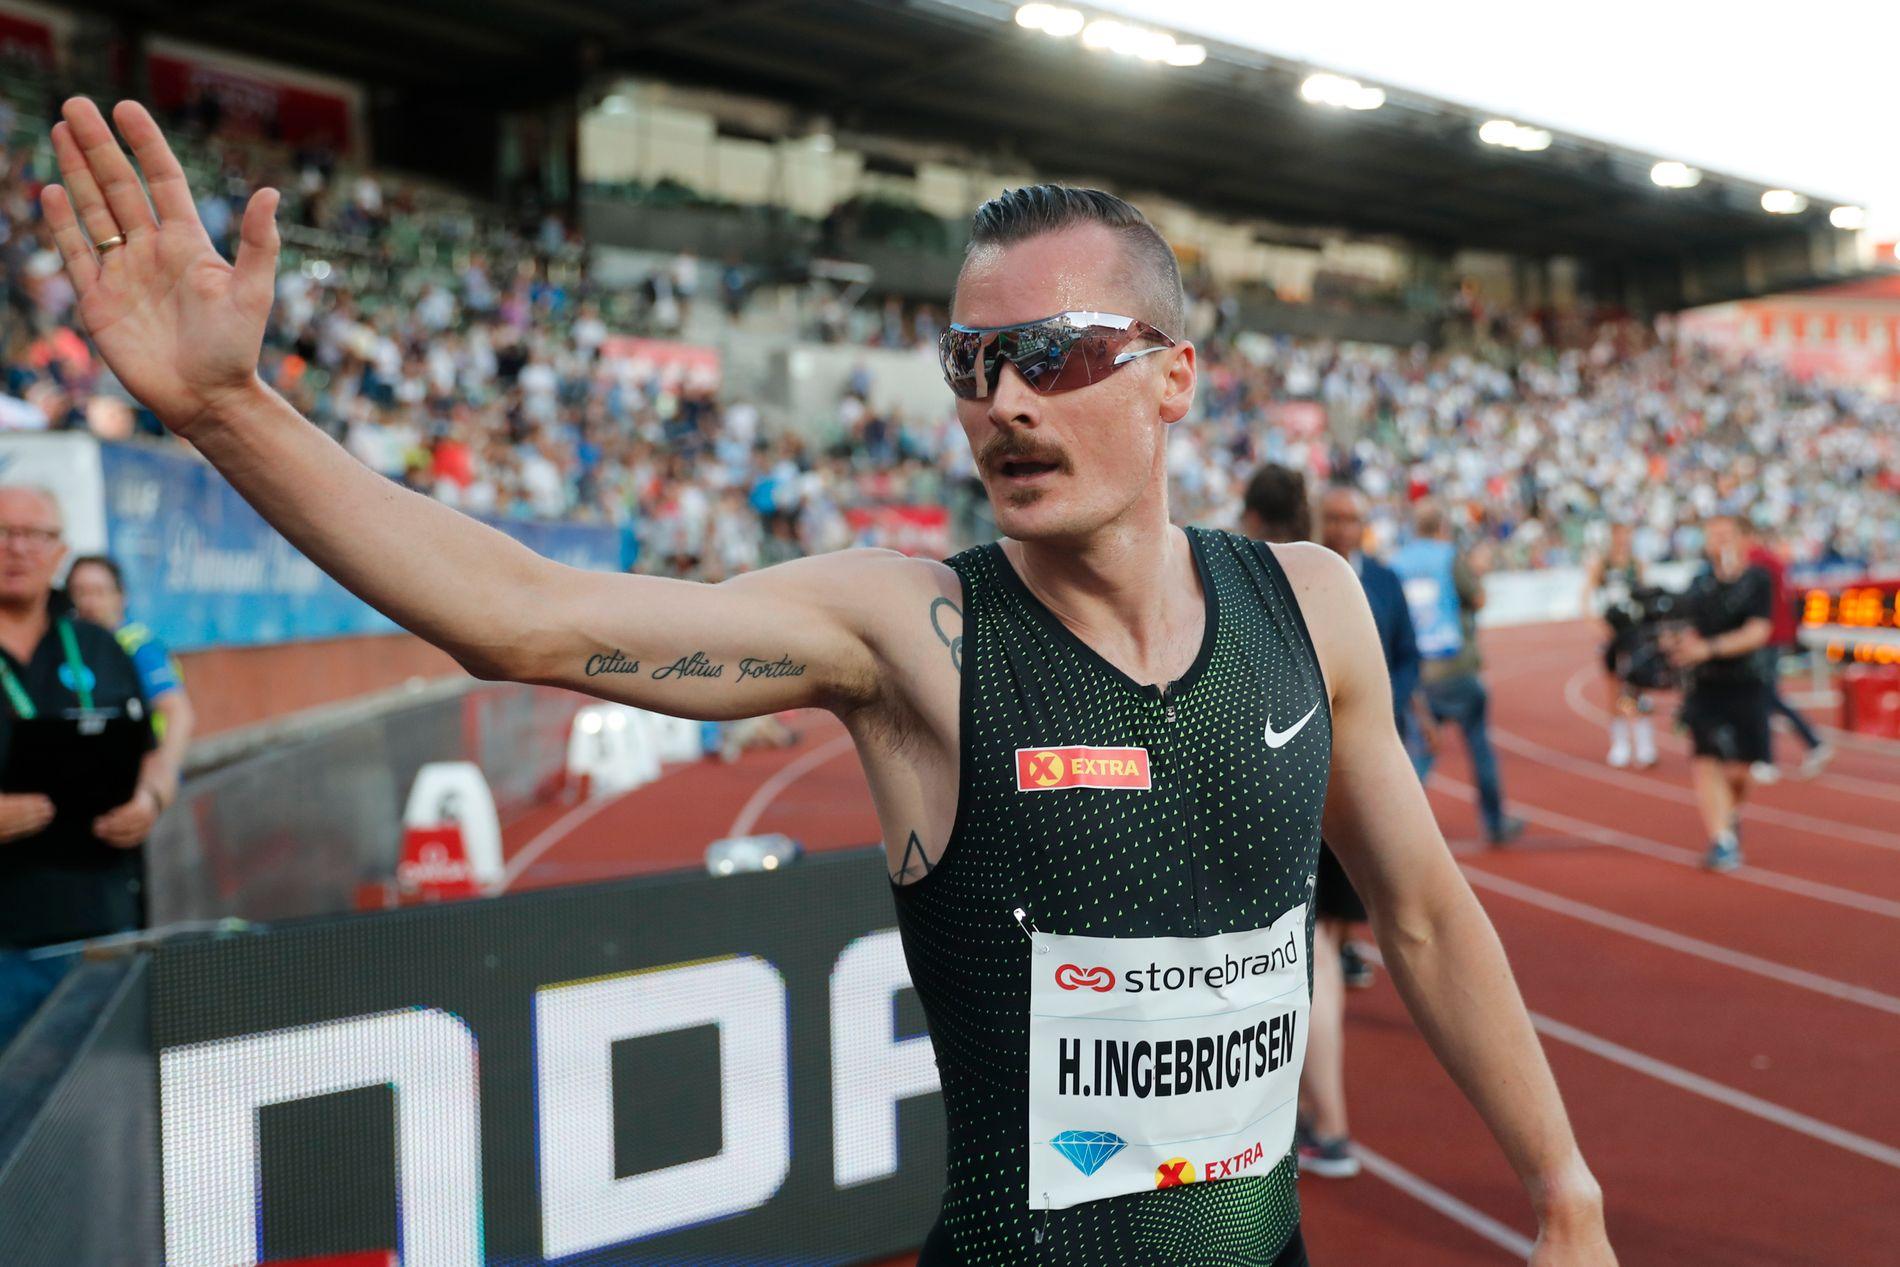 LENGTER: Henrik Ingebrigtsen (27) innehar årsbeste på 5000 meter i Europa, men har et stykke igjen når det gjelder akseptabelt nivå på favorittdistansen 1500 meter. Bildet er fra etter mile-løpet på Bislett 7. juni: 4. plass med 3.57,97.